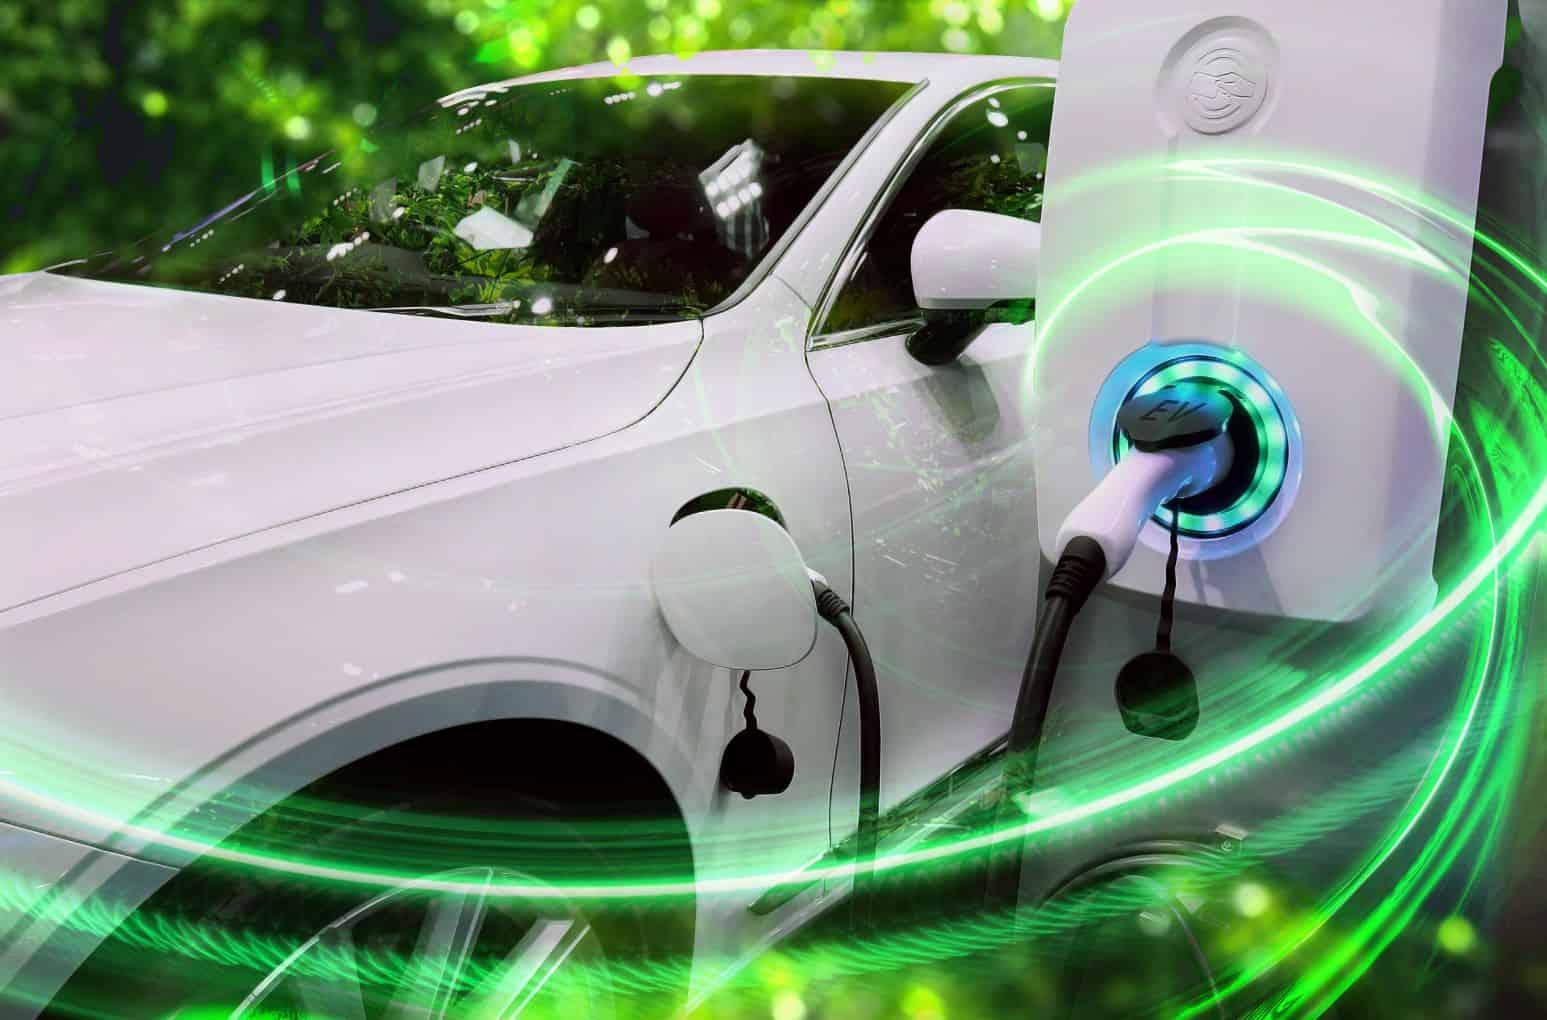 اختراق كبير في مبيعات المركبات الكهربائية في هولندا